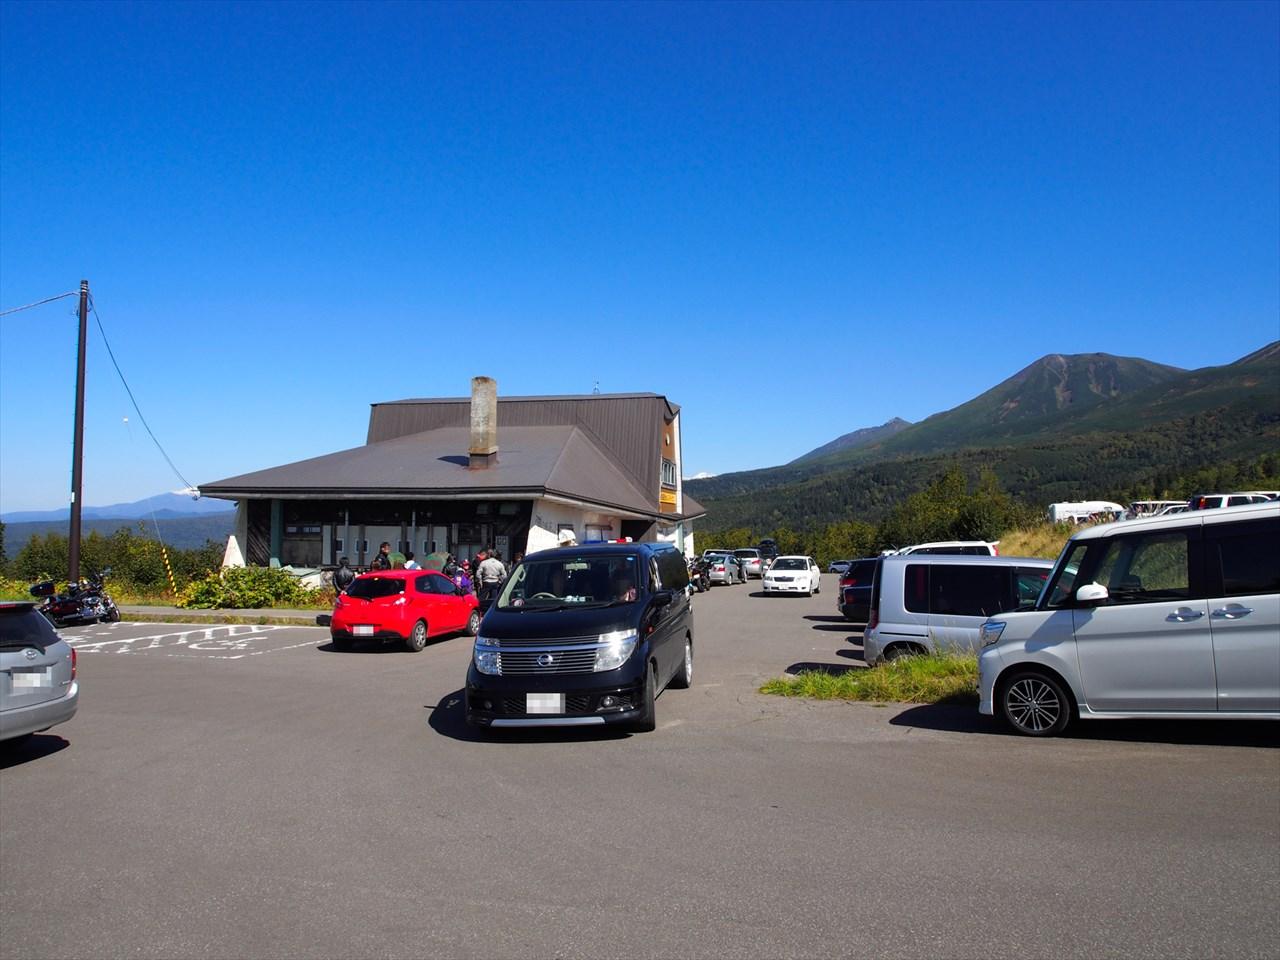 レストハウスと駐車場の風景